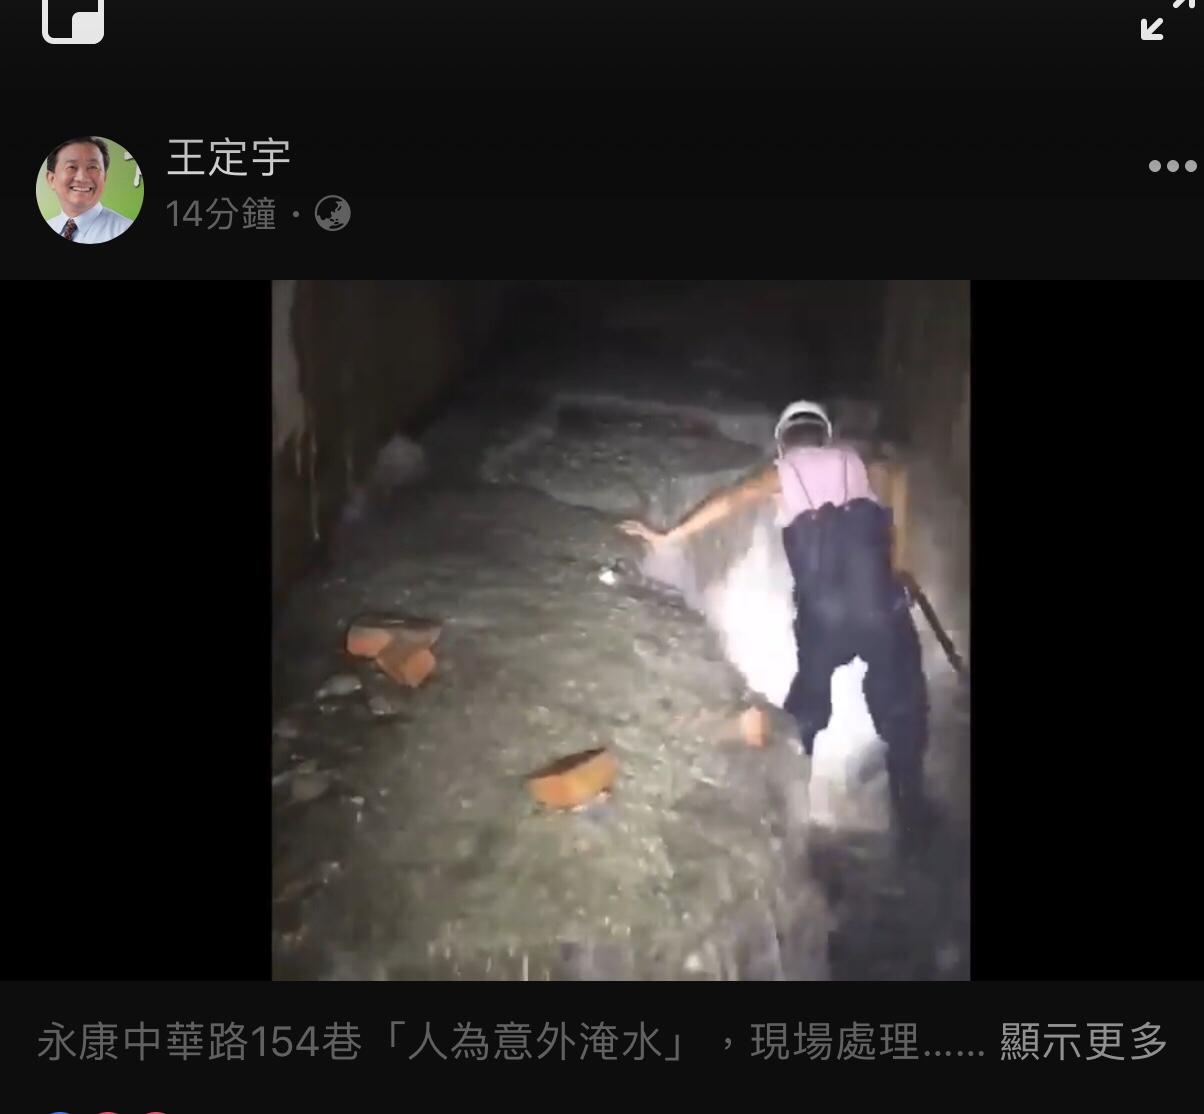 導致台南永康中華路154巷淹水的地下涵箱,施工人員辛苦清除堵塞水泥漿畫面首曝光。...